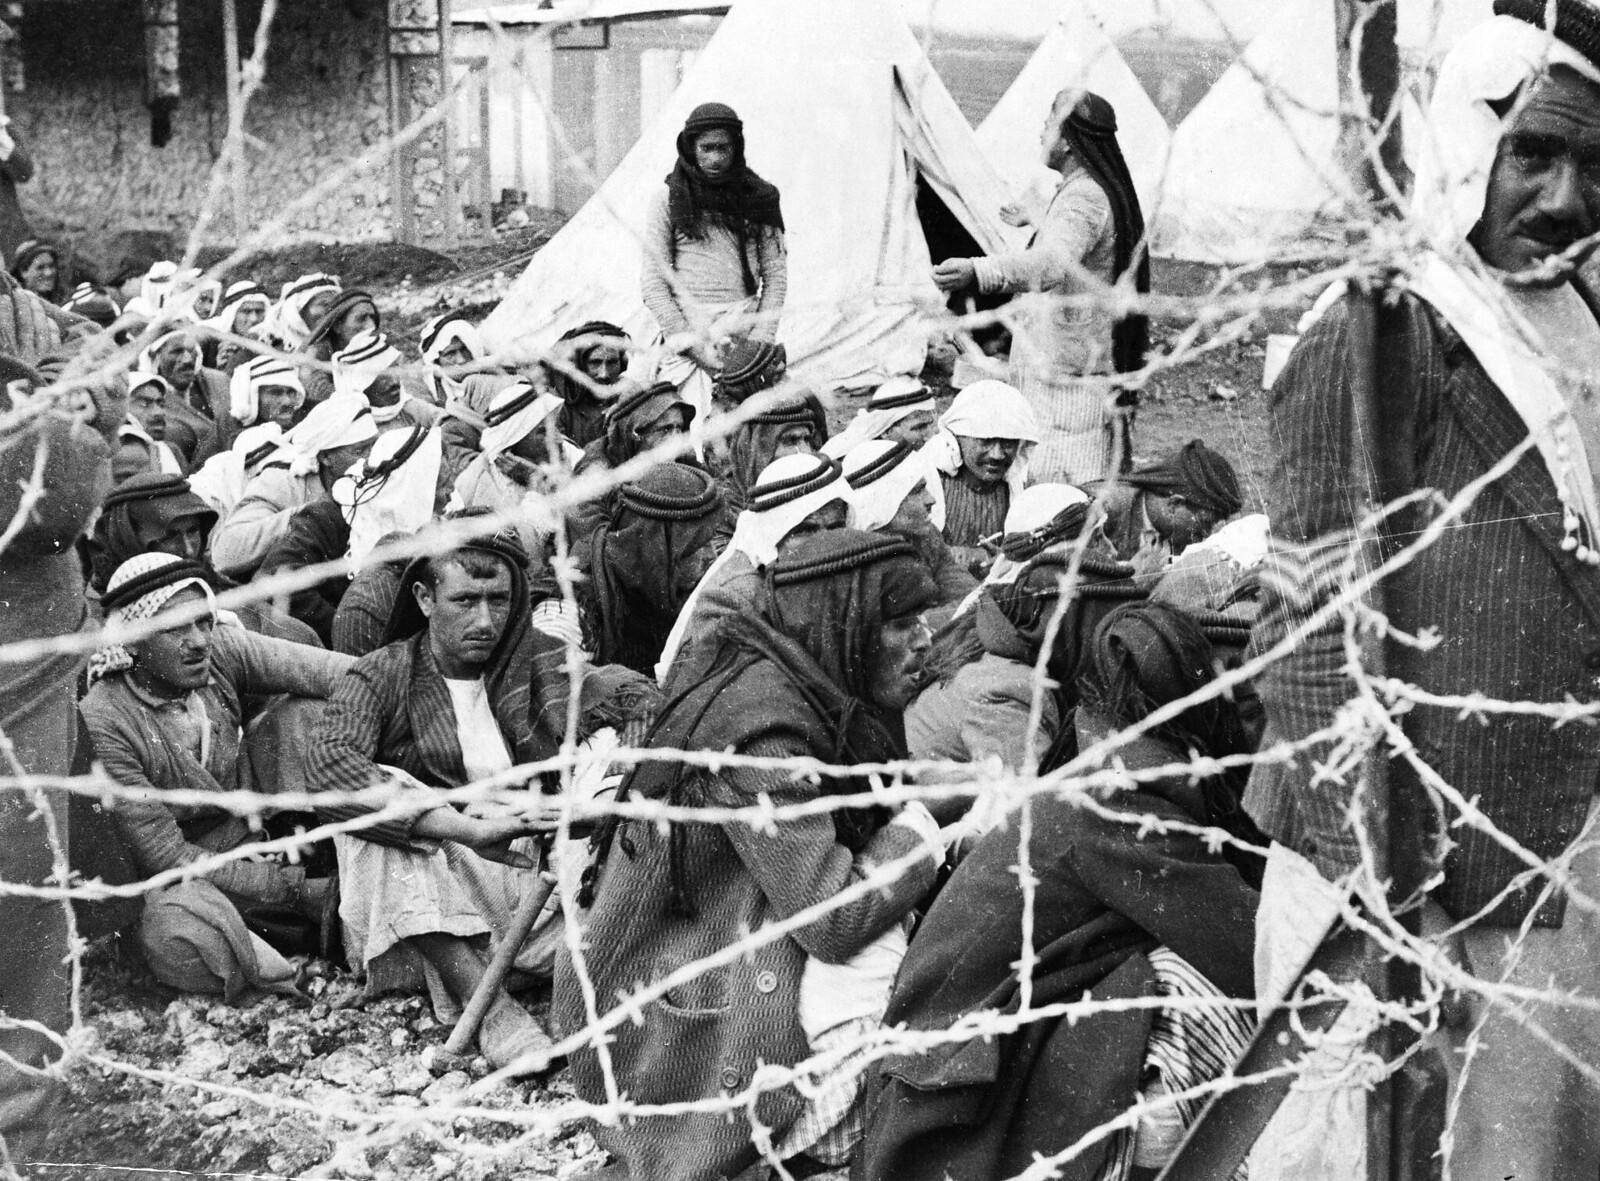 06. Арабские заключенные за колючей проволокой в концлагере для мятежников, расположенном в Дженине